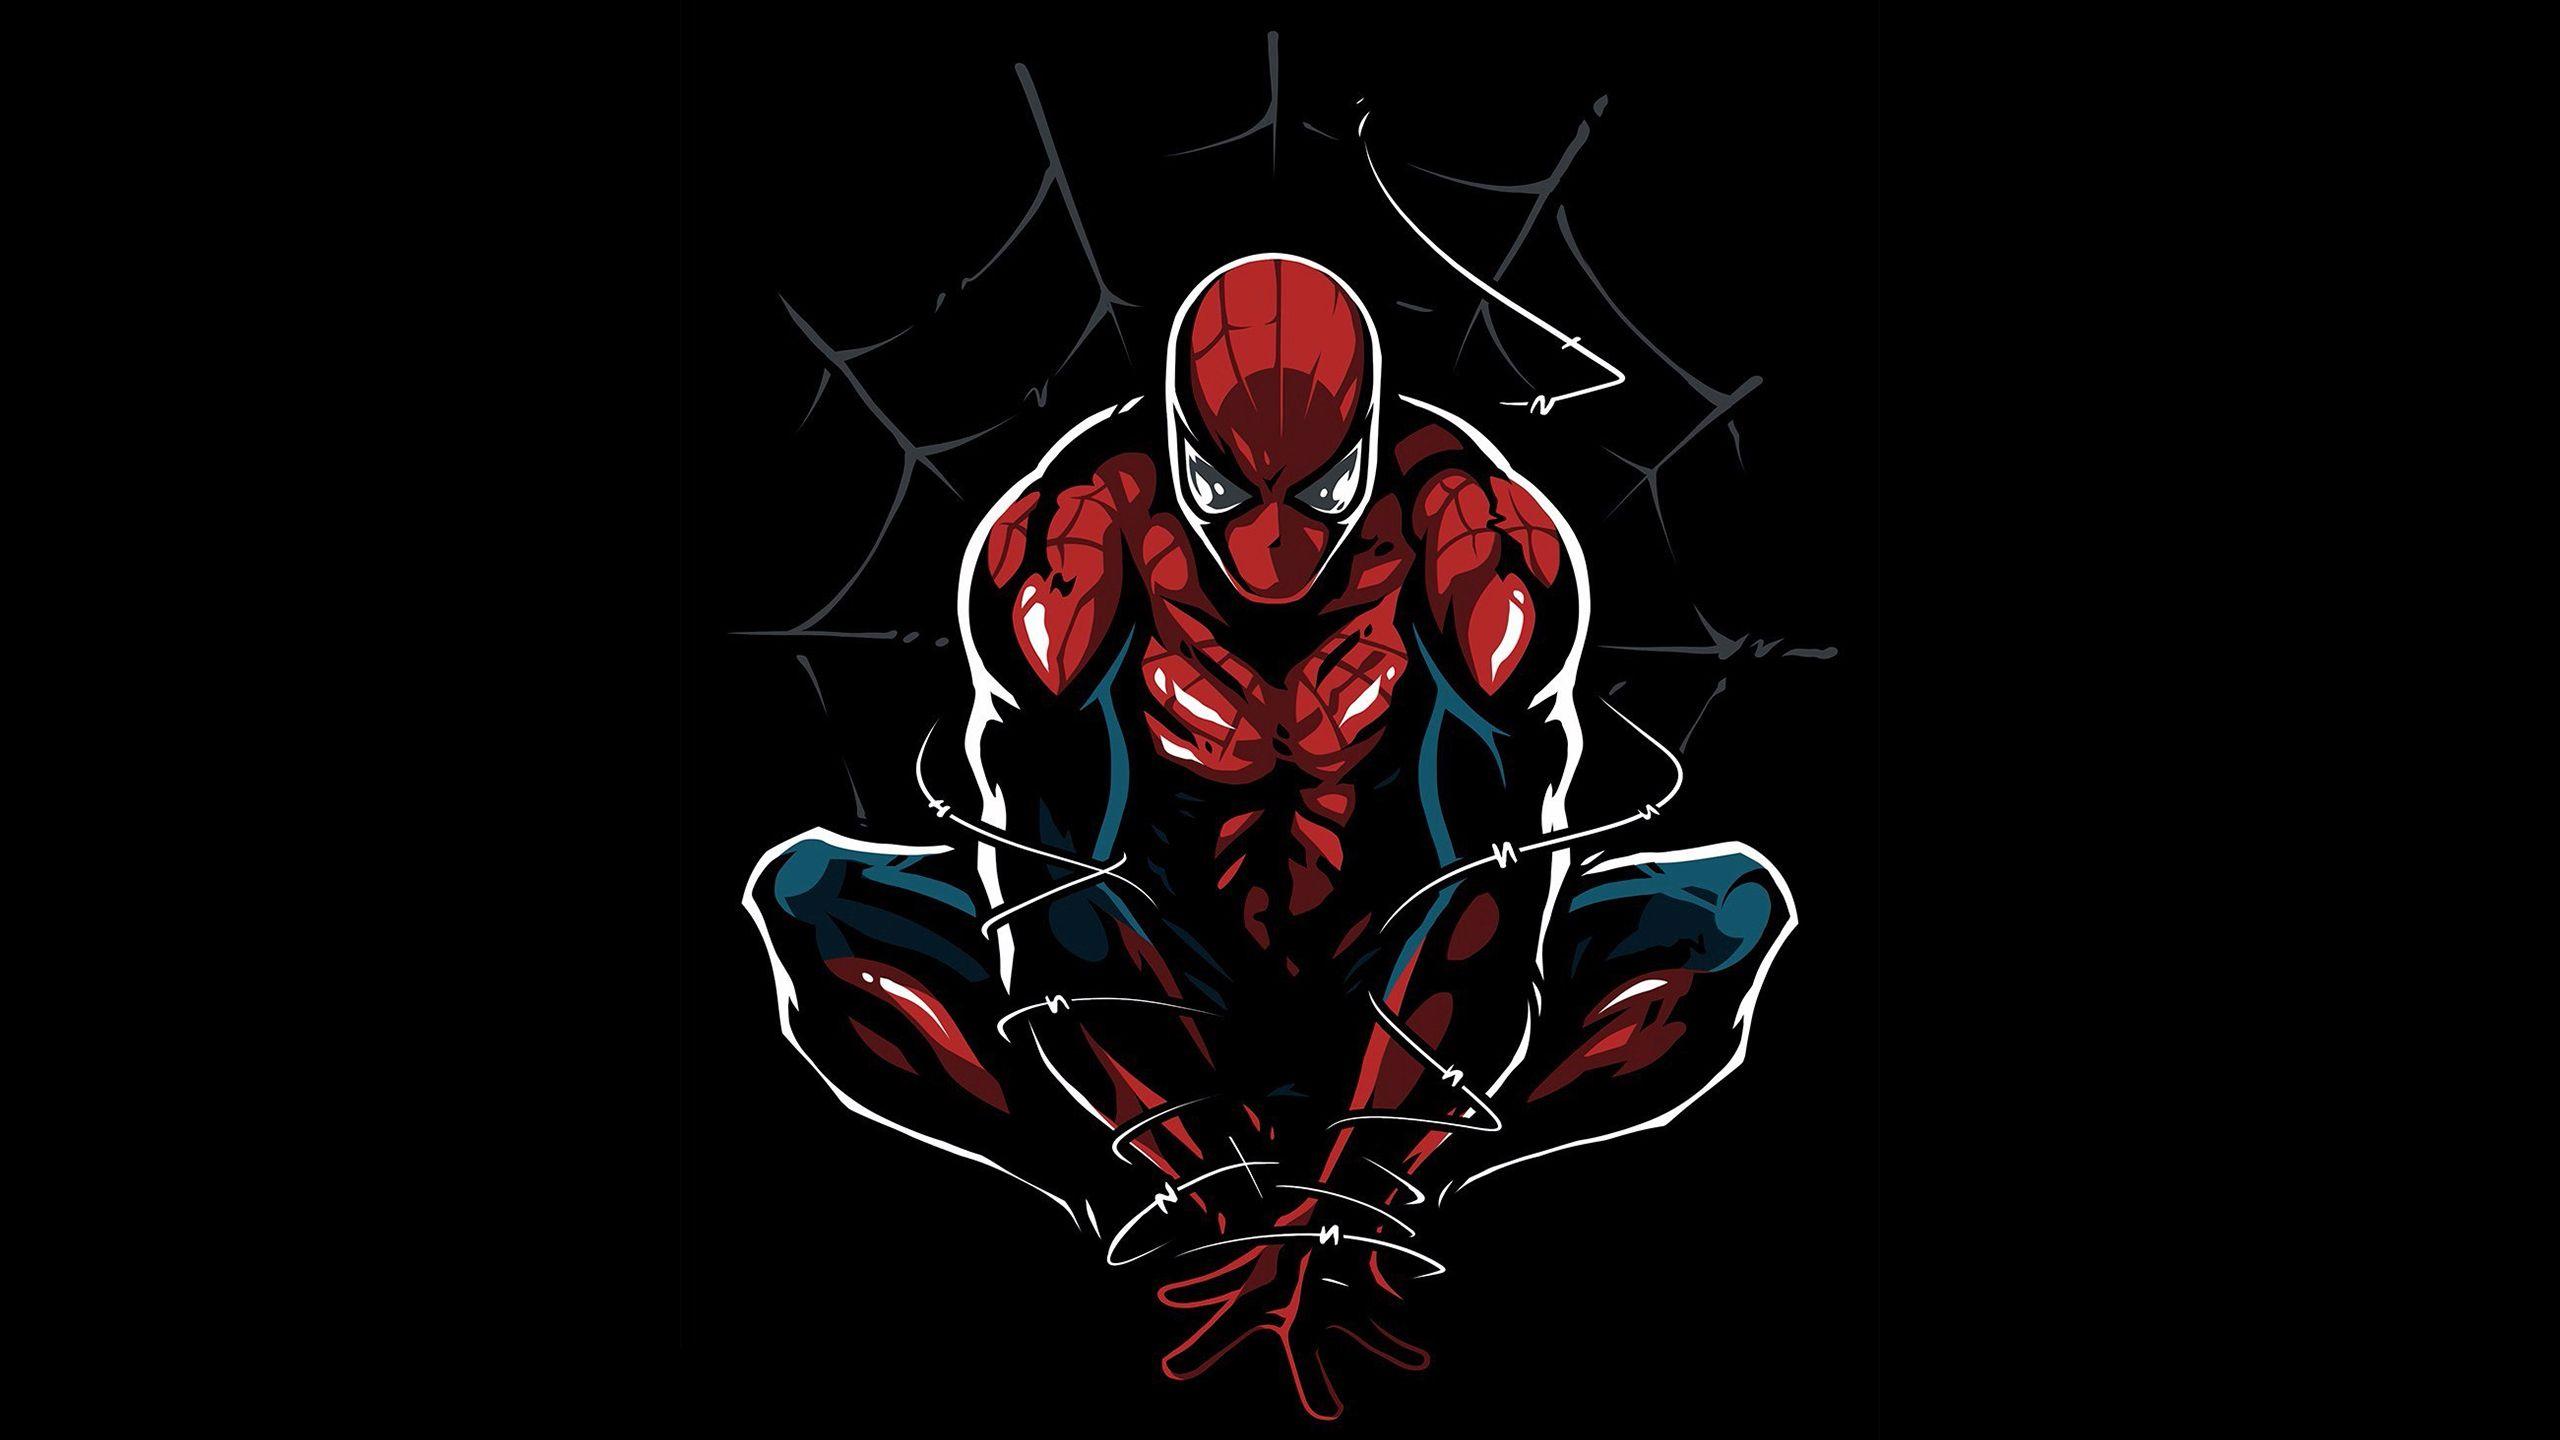 Spider-Man Artwork   Black wallpaper, Spiderman images ...